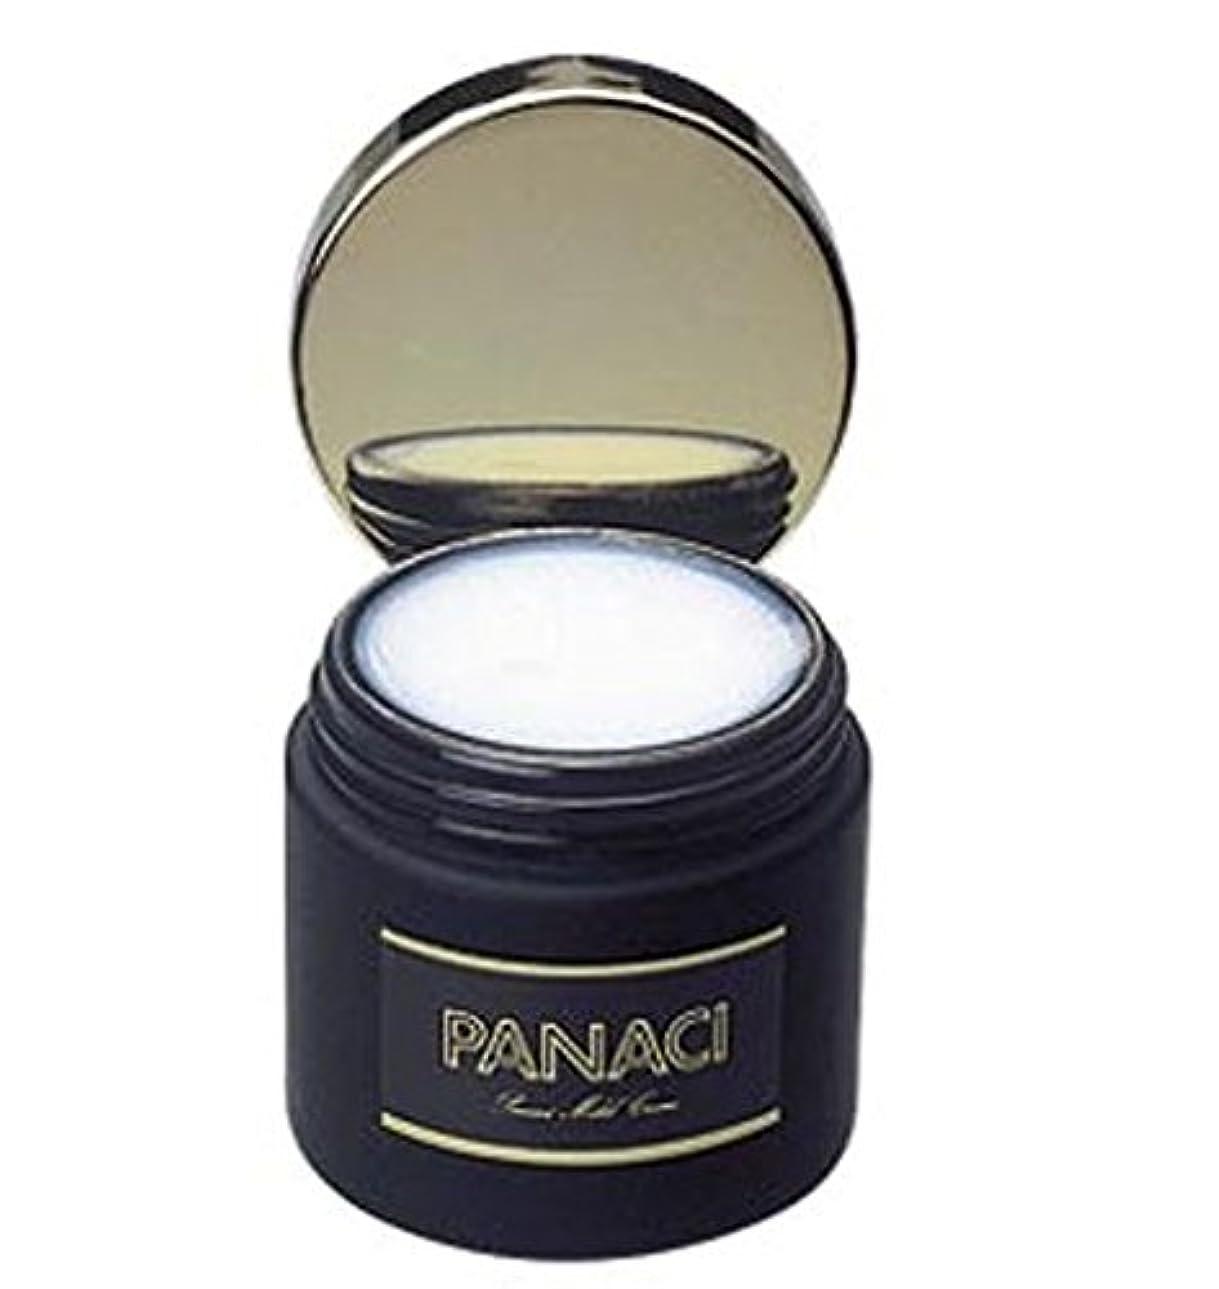 水銀のアライメント重なるパナシマイルドクリーム 54g